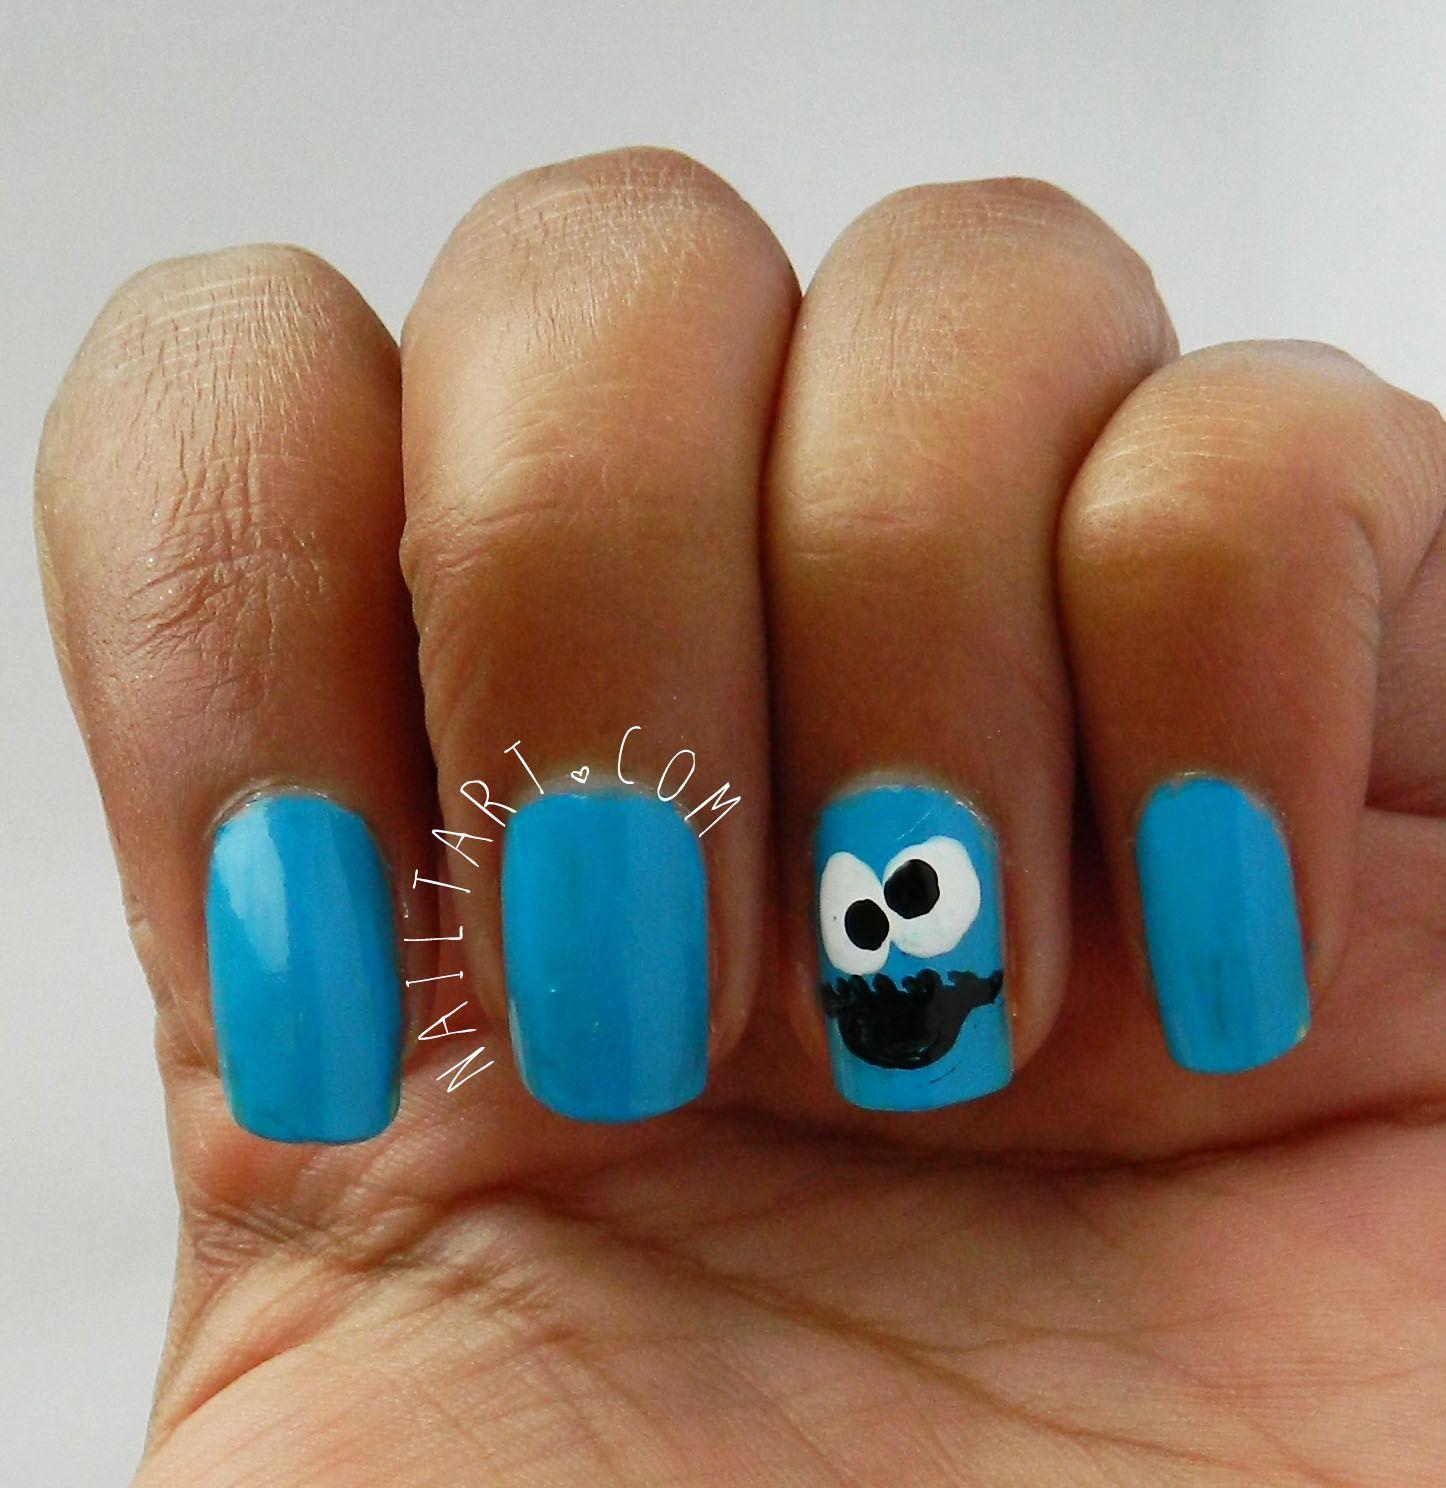 Nailtart A Nail Art Blog Nails Blue Nail Art Hipster Nails